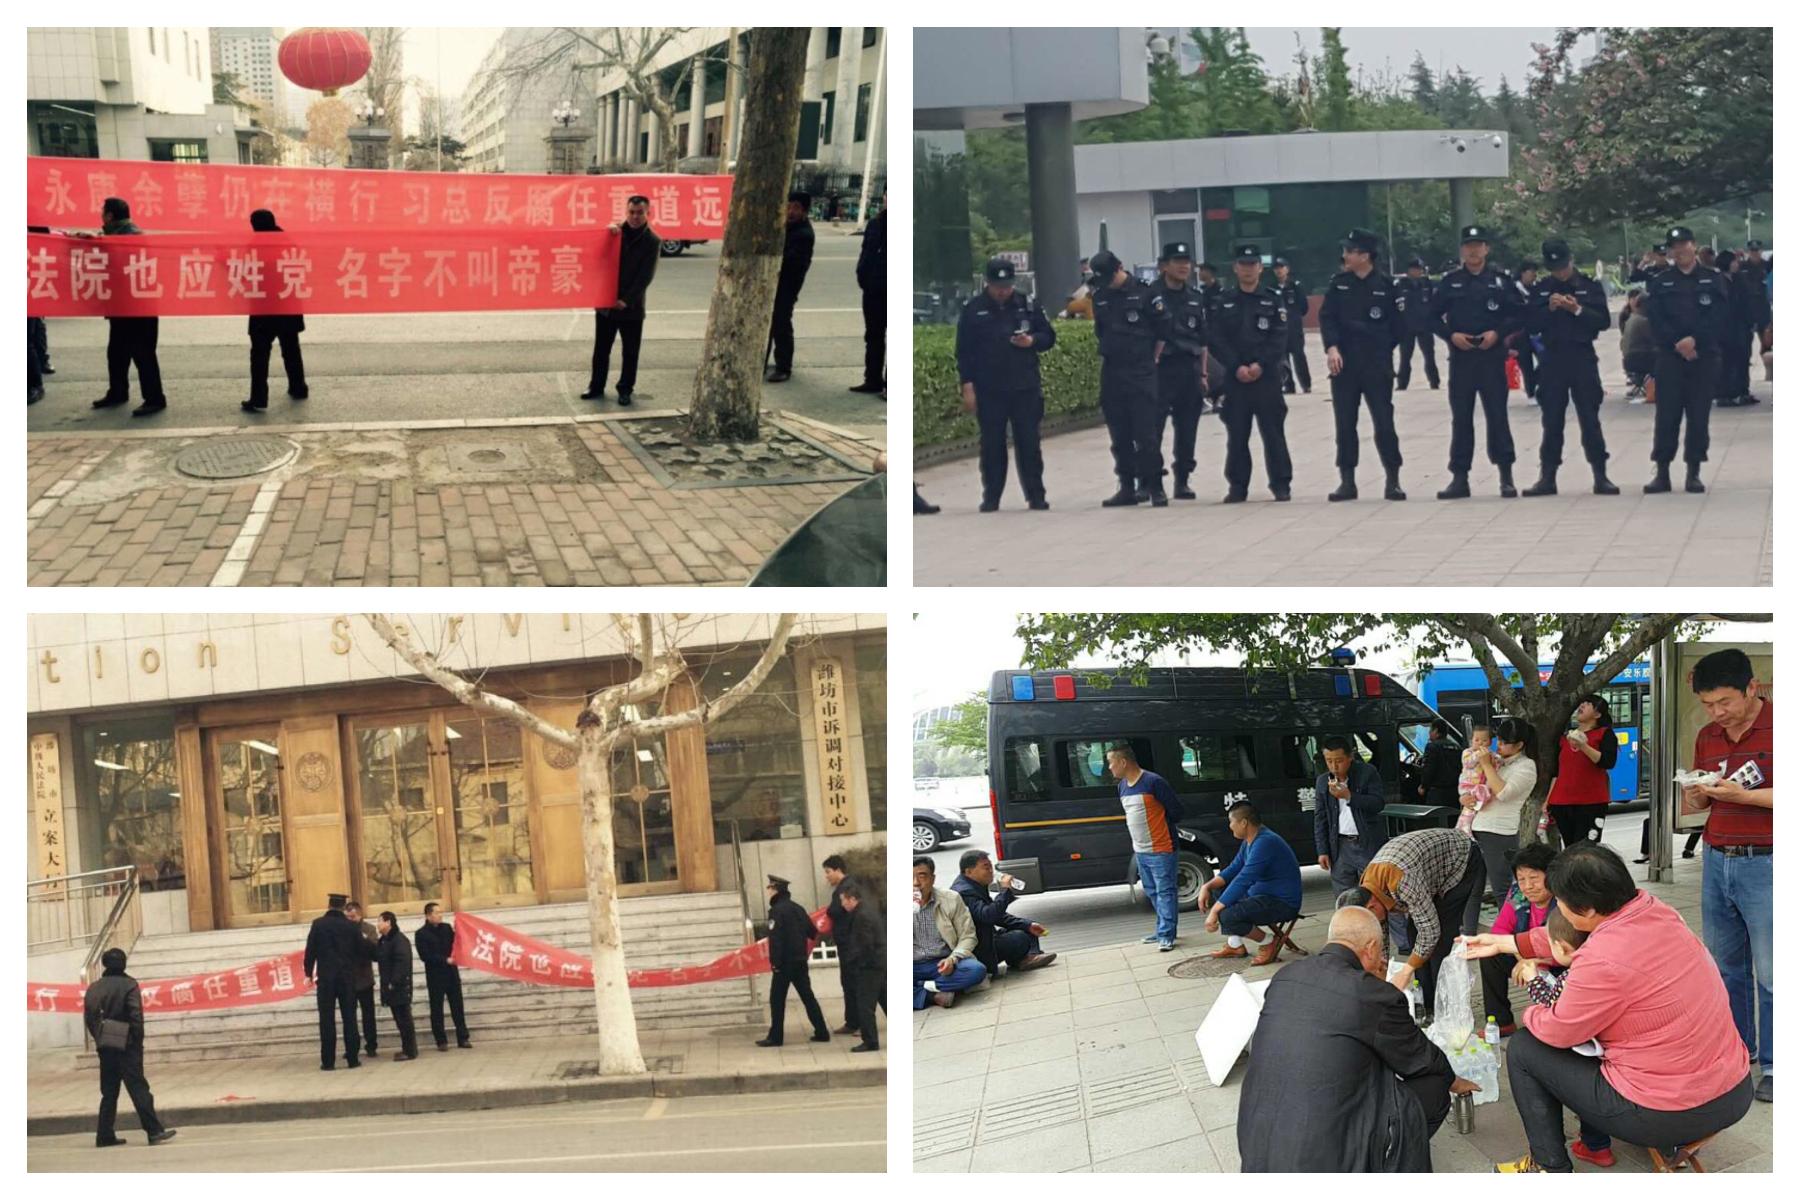 劉因明組織農民工到濰坊中院、市政府等地維權。(受訪者提供)